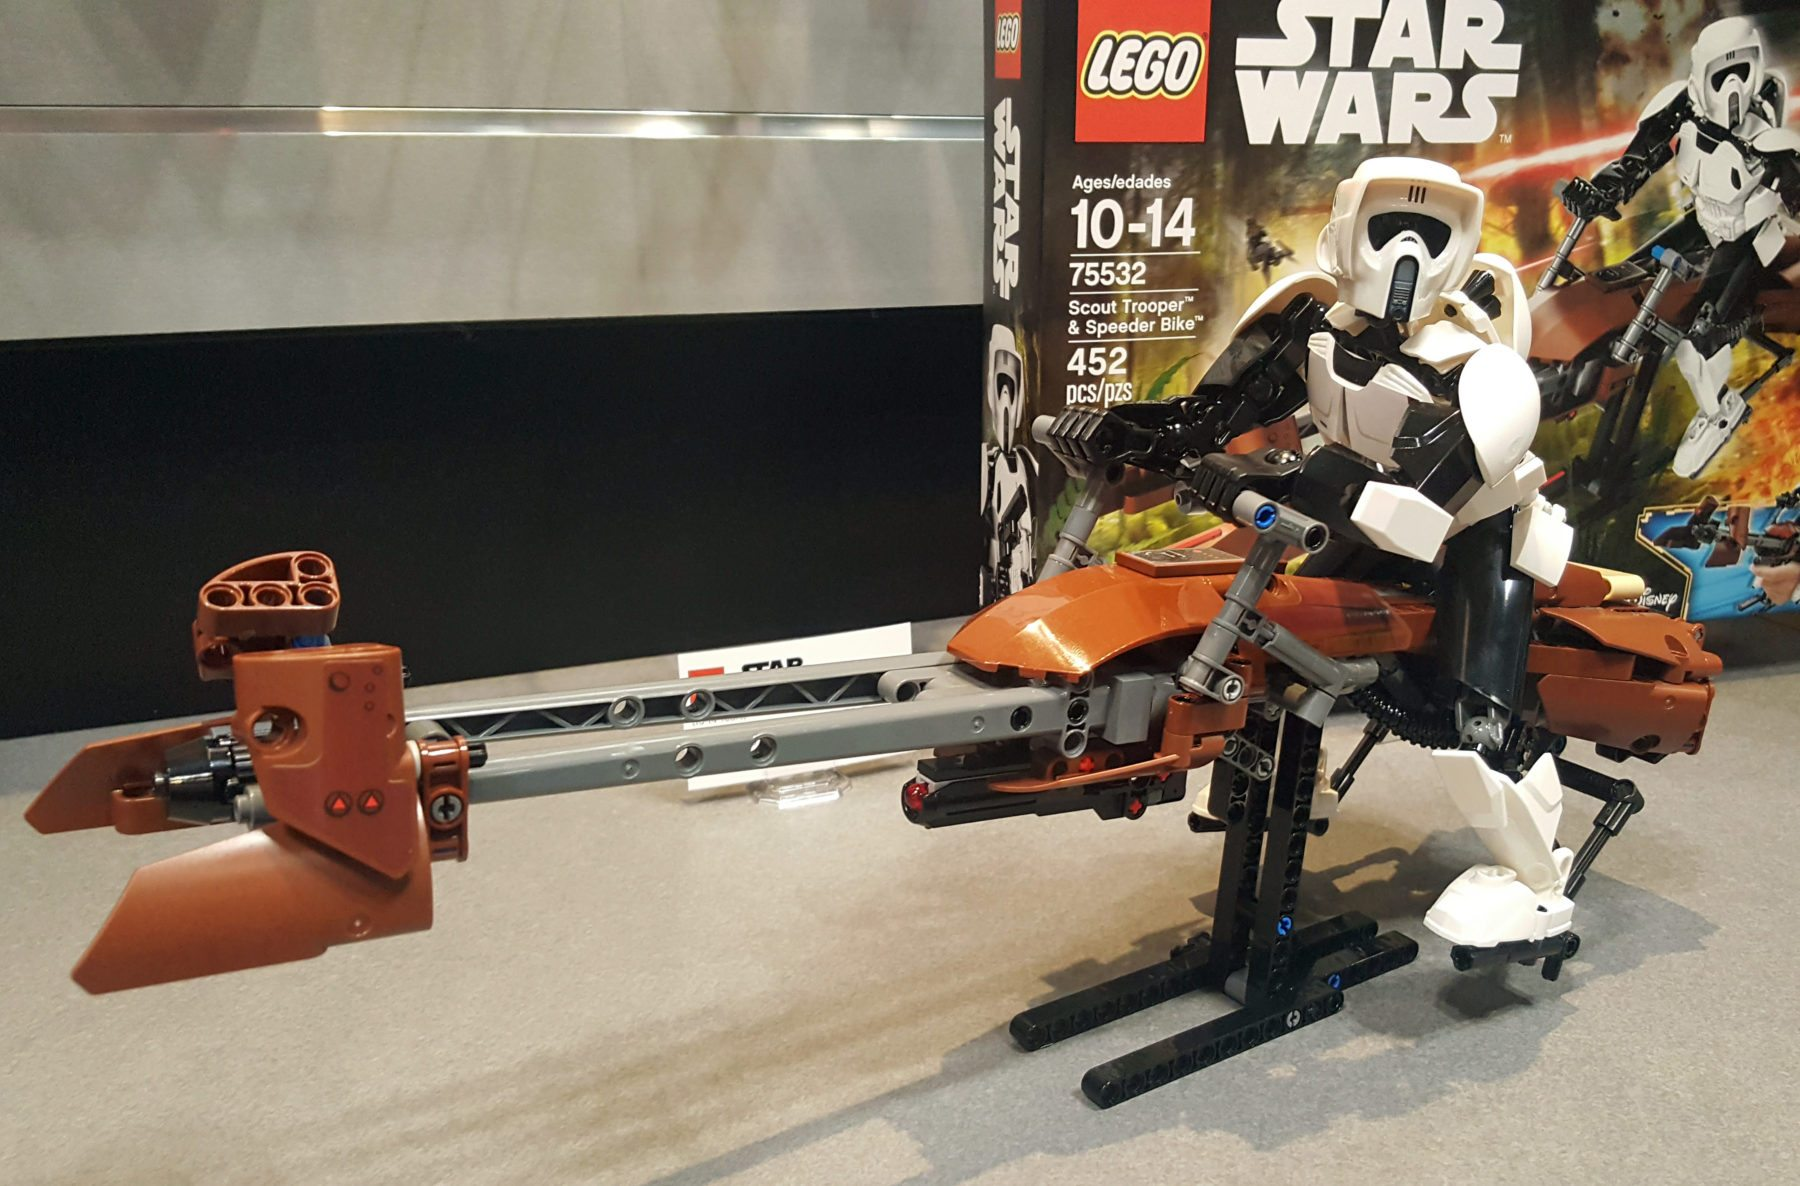 Lego Scout Trooper & Speeder Bike